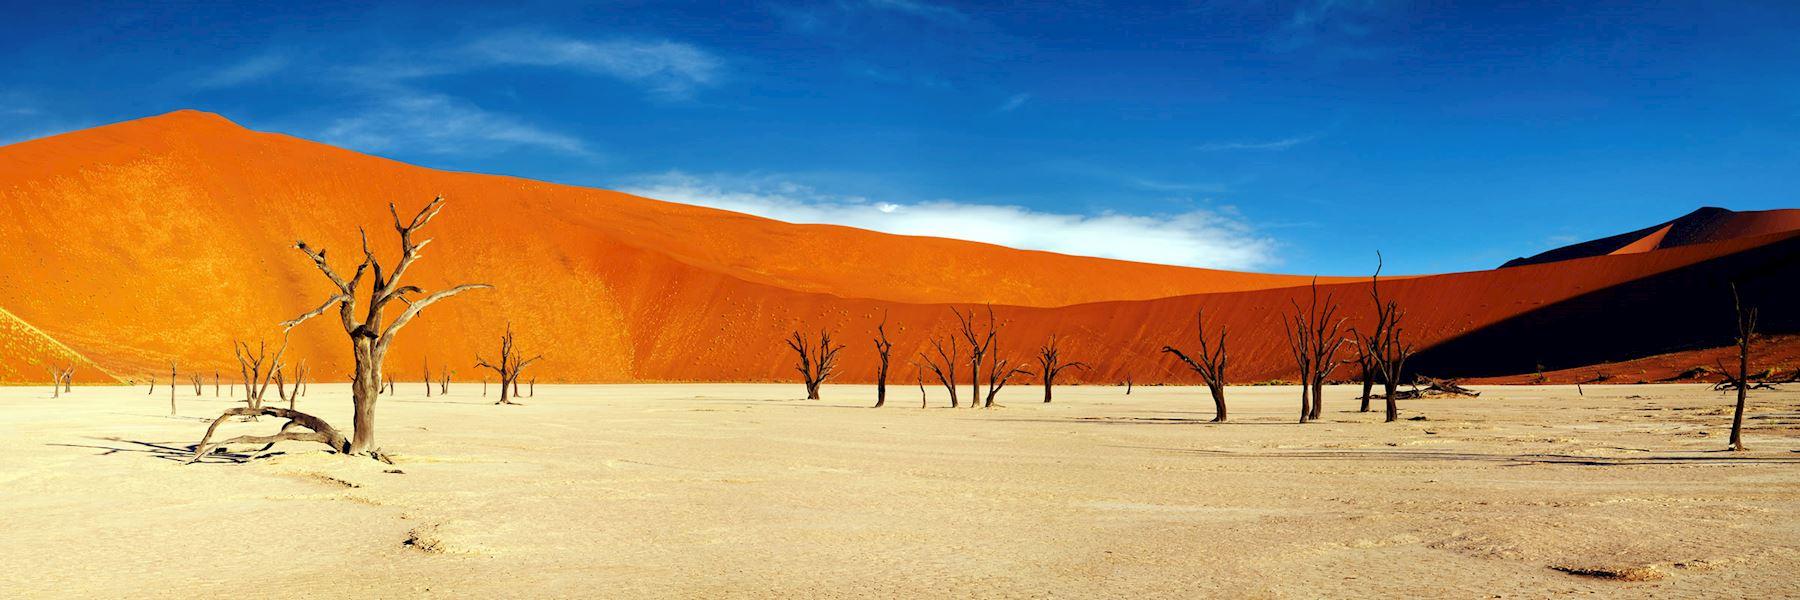 Visit Southern Namibia, Namibia